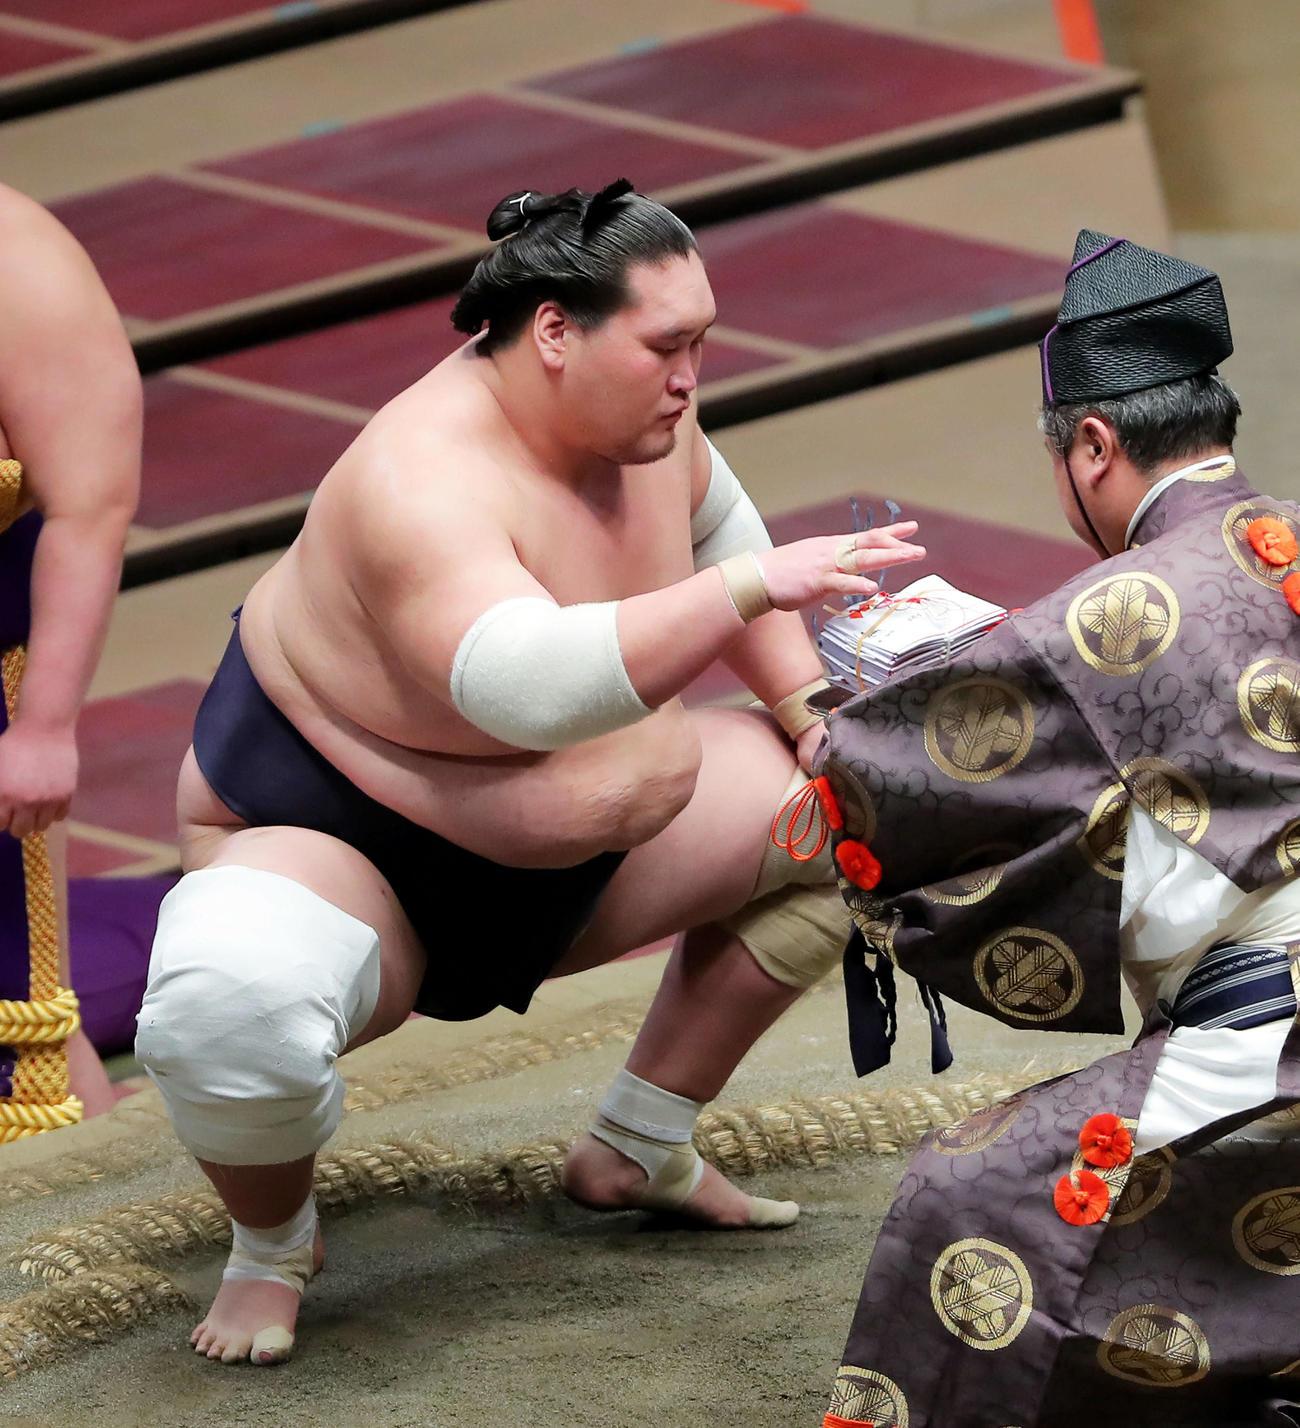 朝乃山を破り、懸賞金の束を手にする照ノ富士(撮影・河田真司)